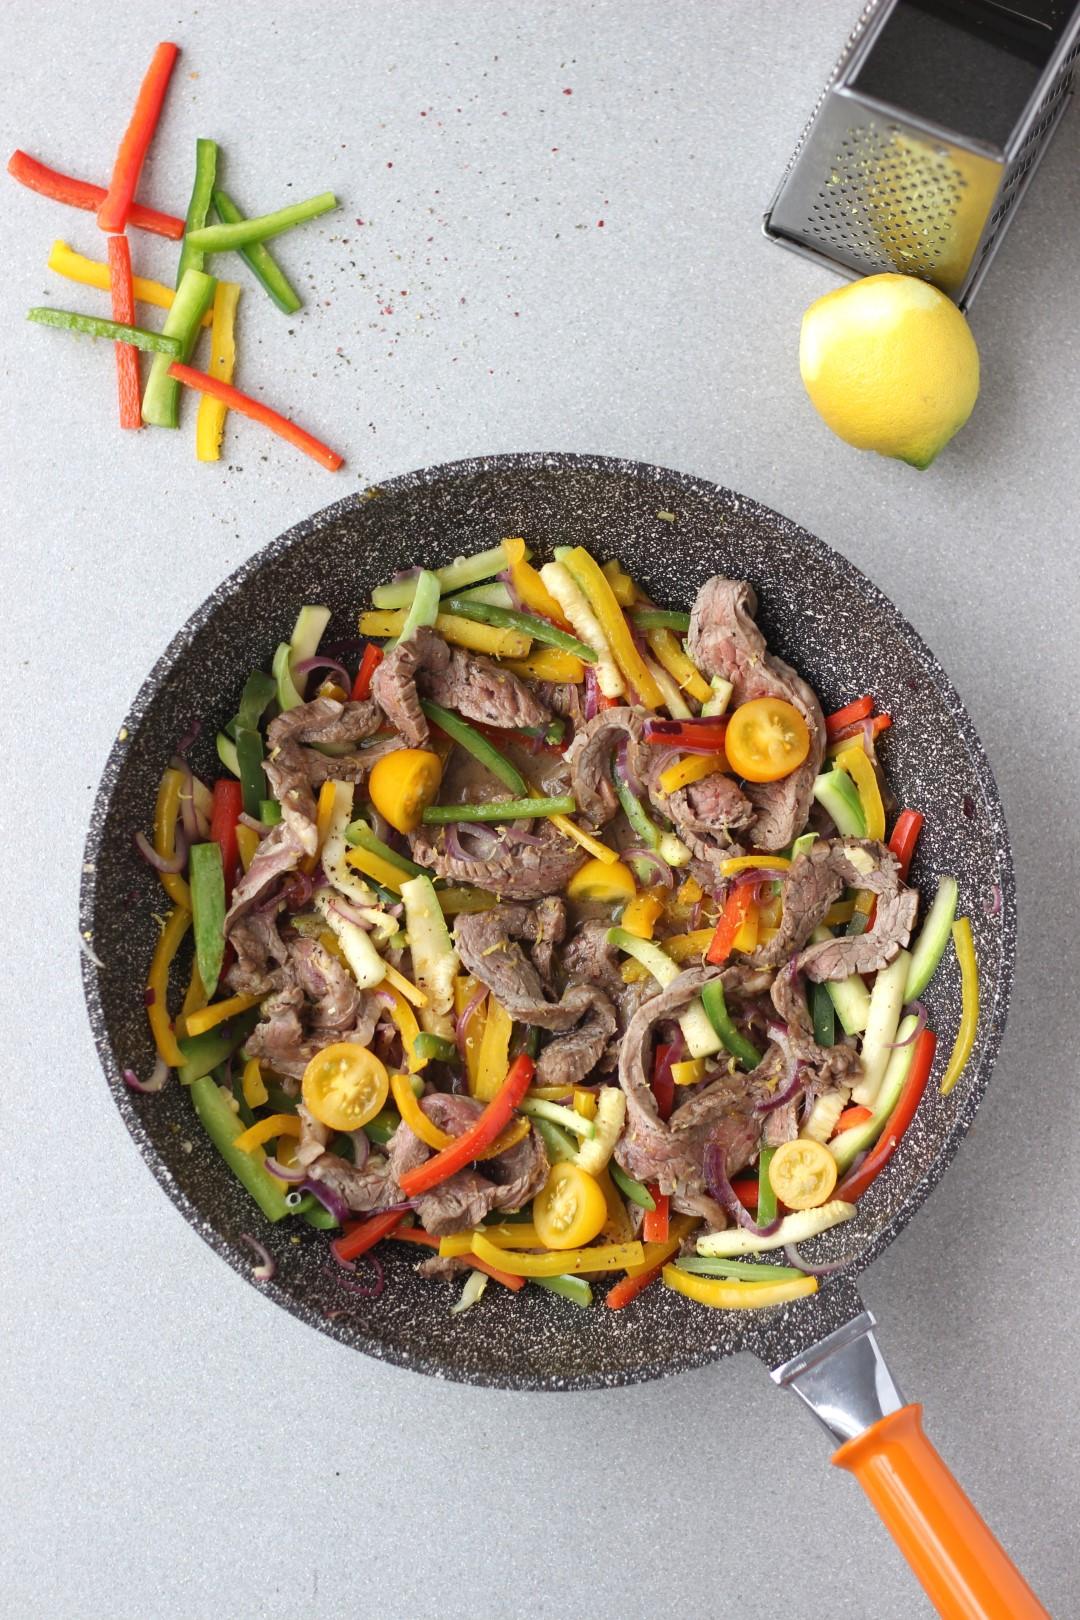 wok de vegetales y carne, recetas essen, recetas de cocina, wok, morrones, cocina saludable, salud.